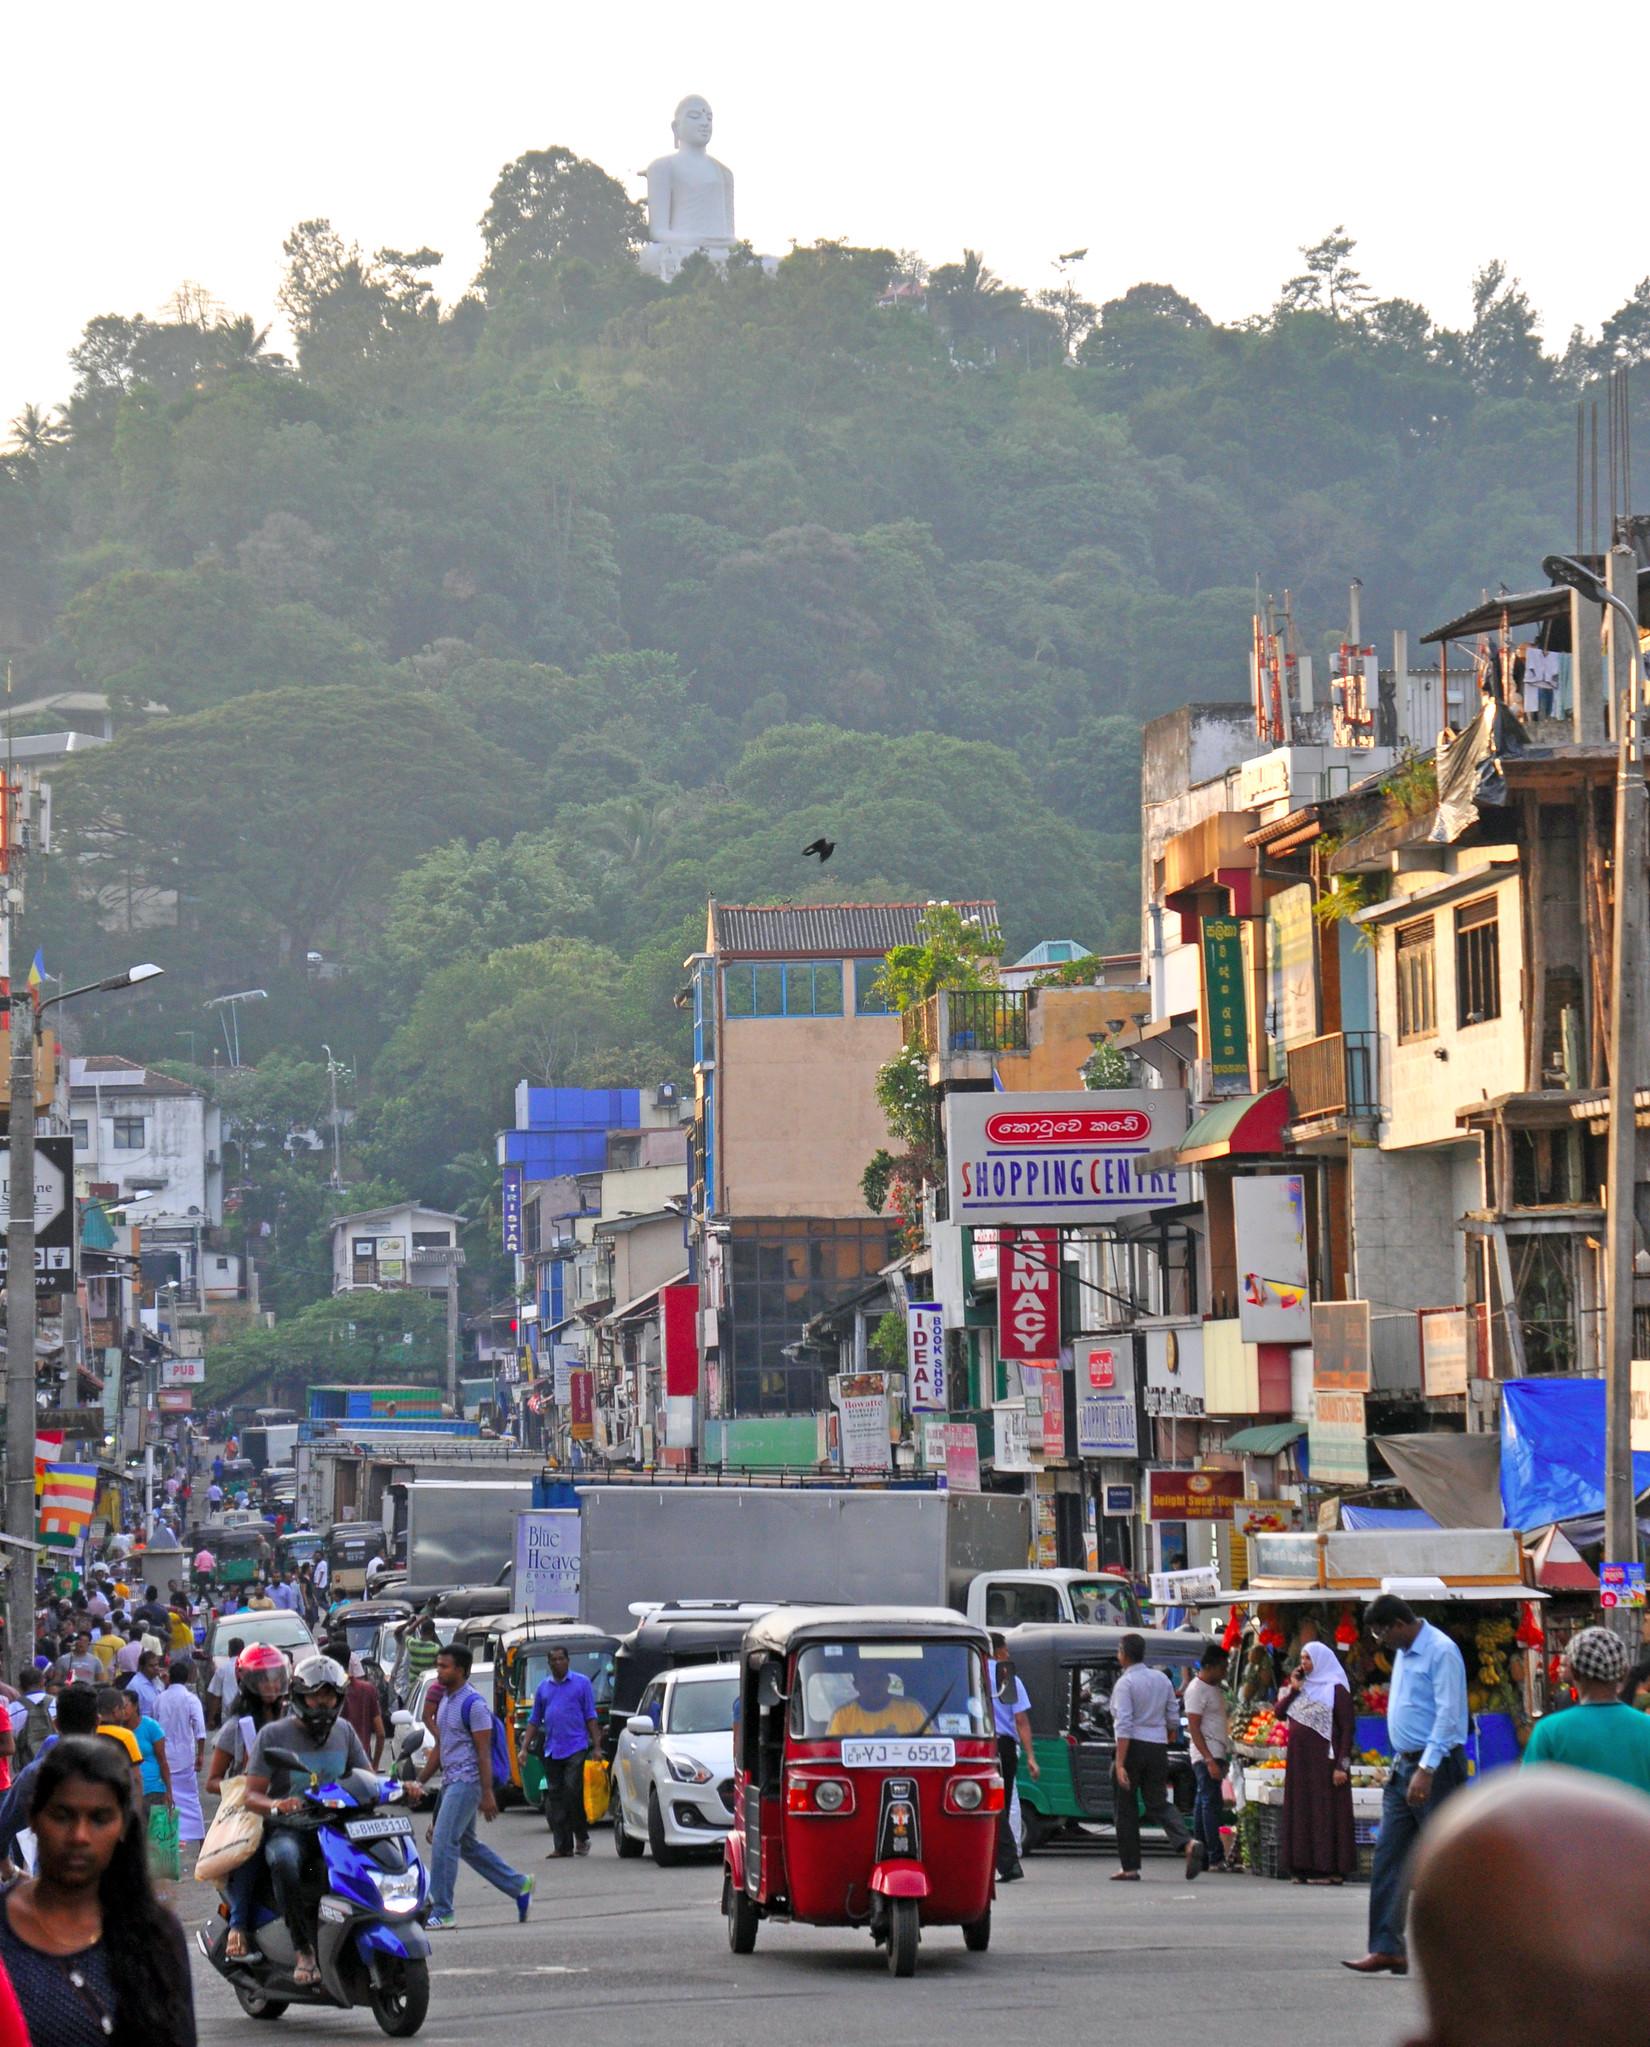 Kandy en un día, Sri Lanka kandy en un día - 46341677054 8895f292dd k - Kandy en un día, Sri Lanka